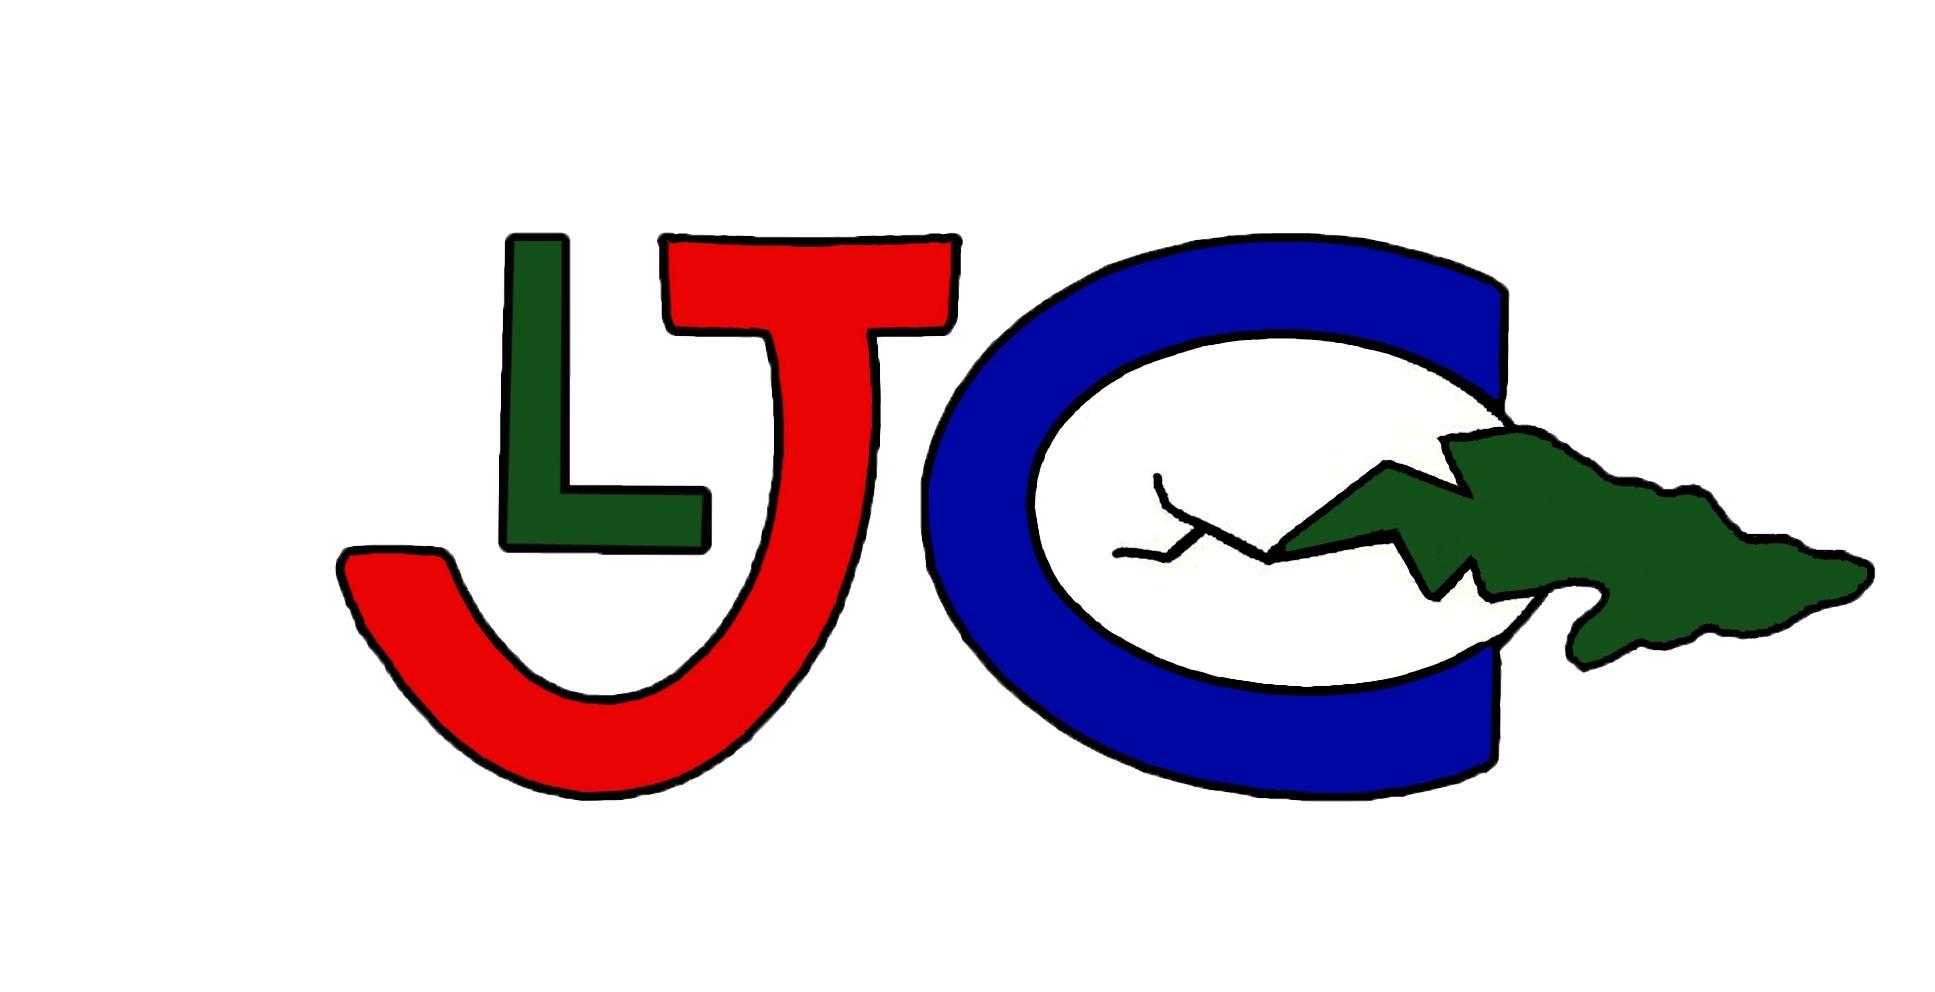 Logo original de LJC, hecho por Gerardo Hernández Nordelo desde una cárcel norteamericana.